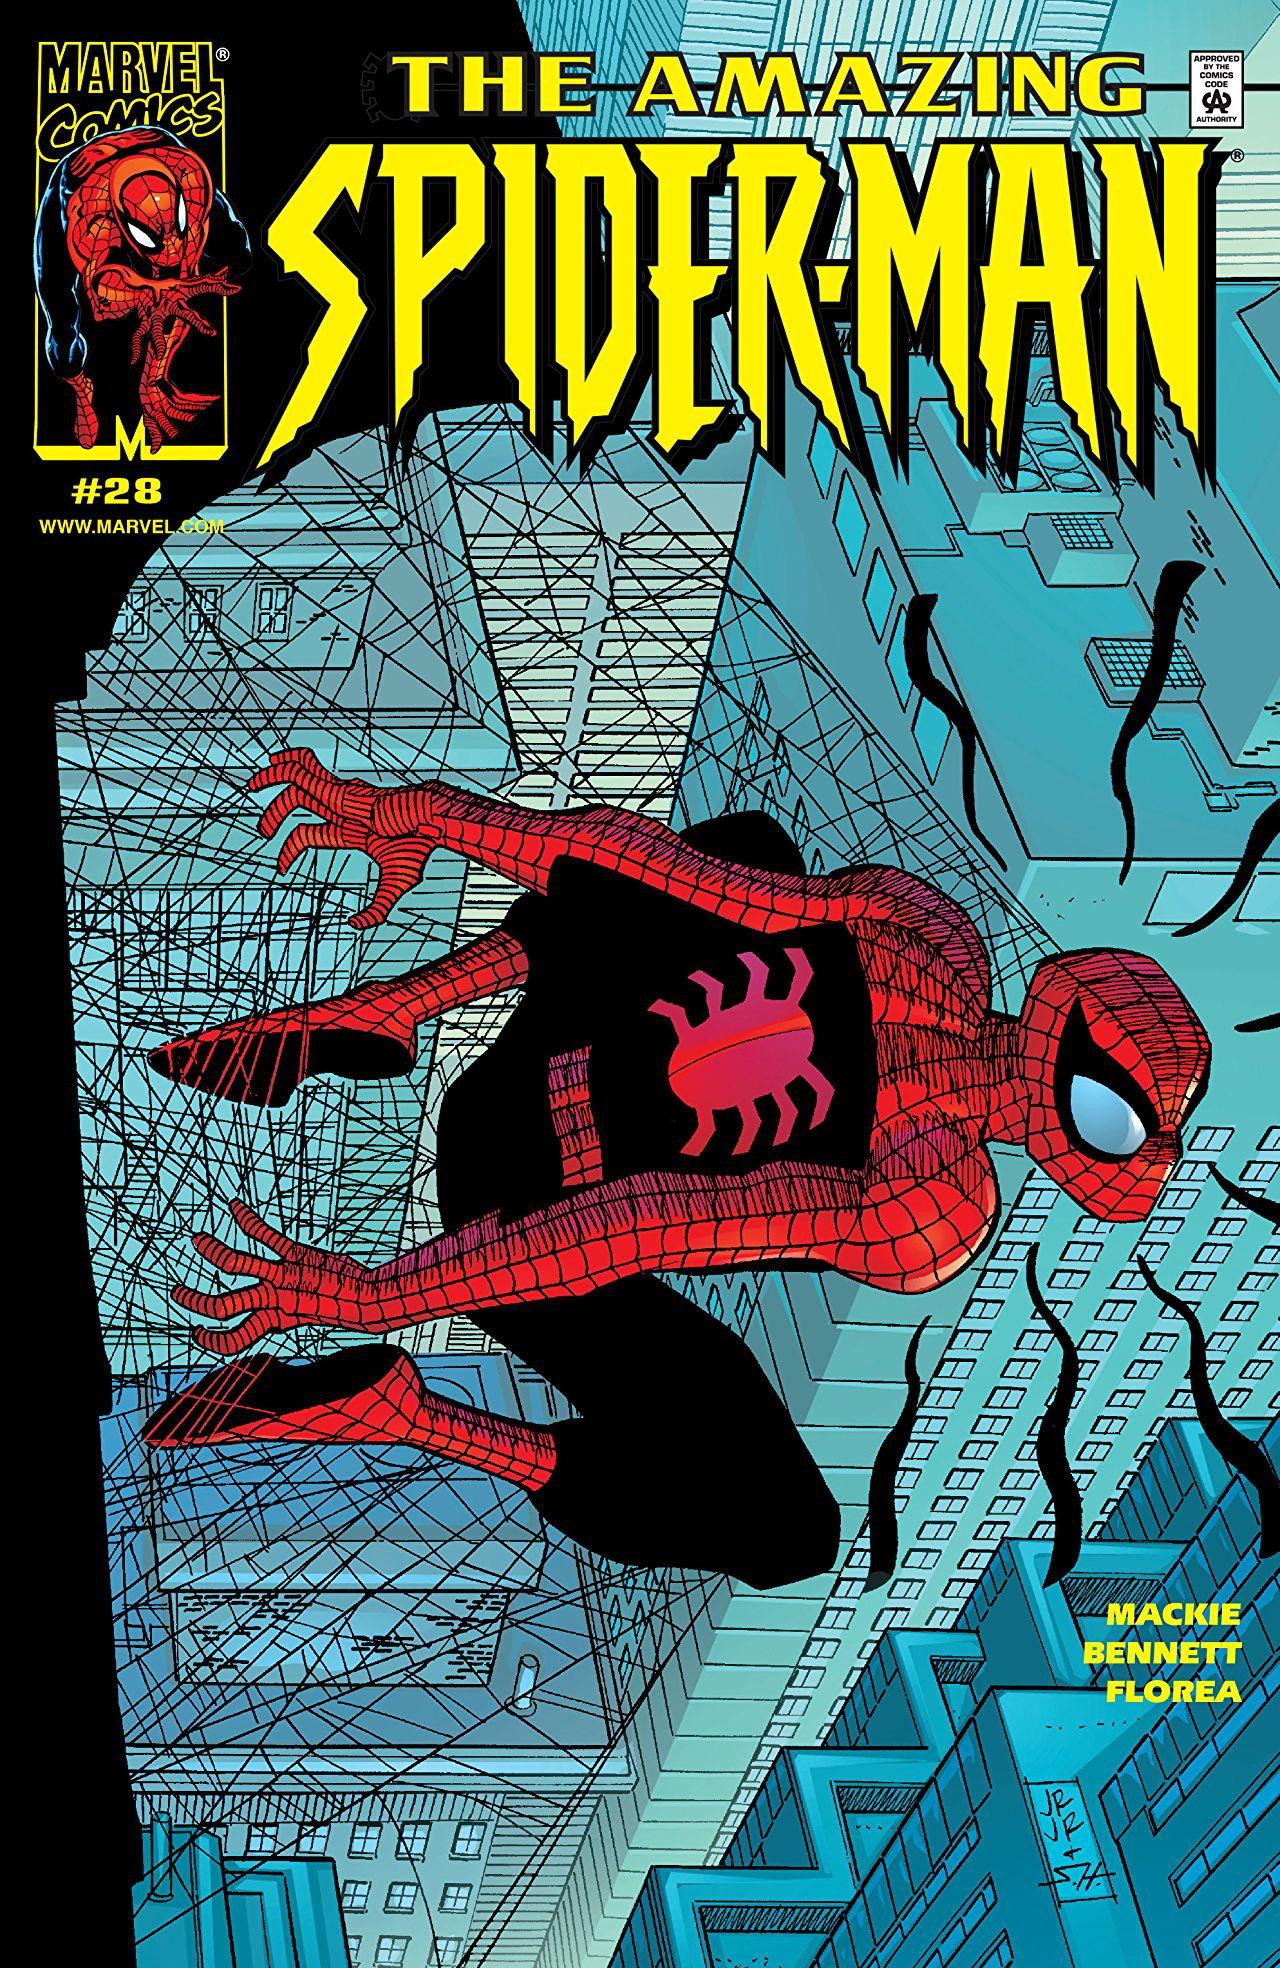 Amazing Spider-Man Vol 2 28